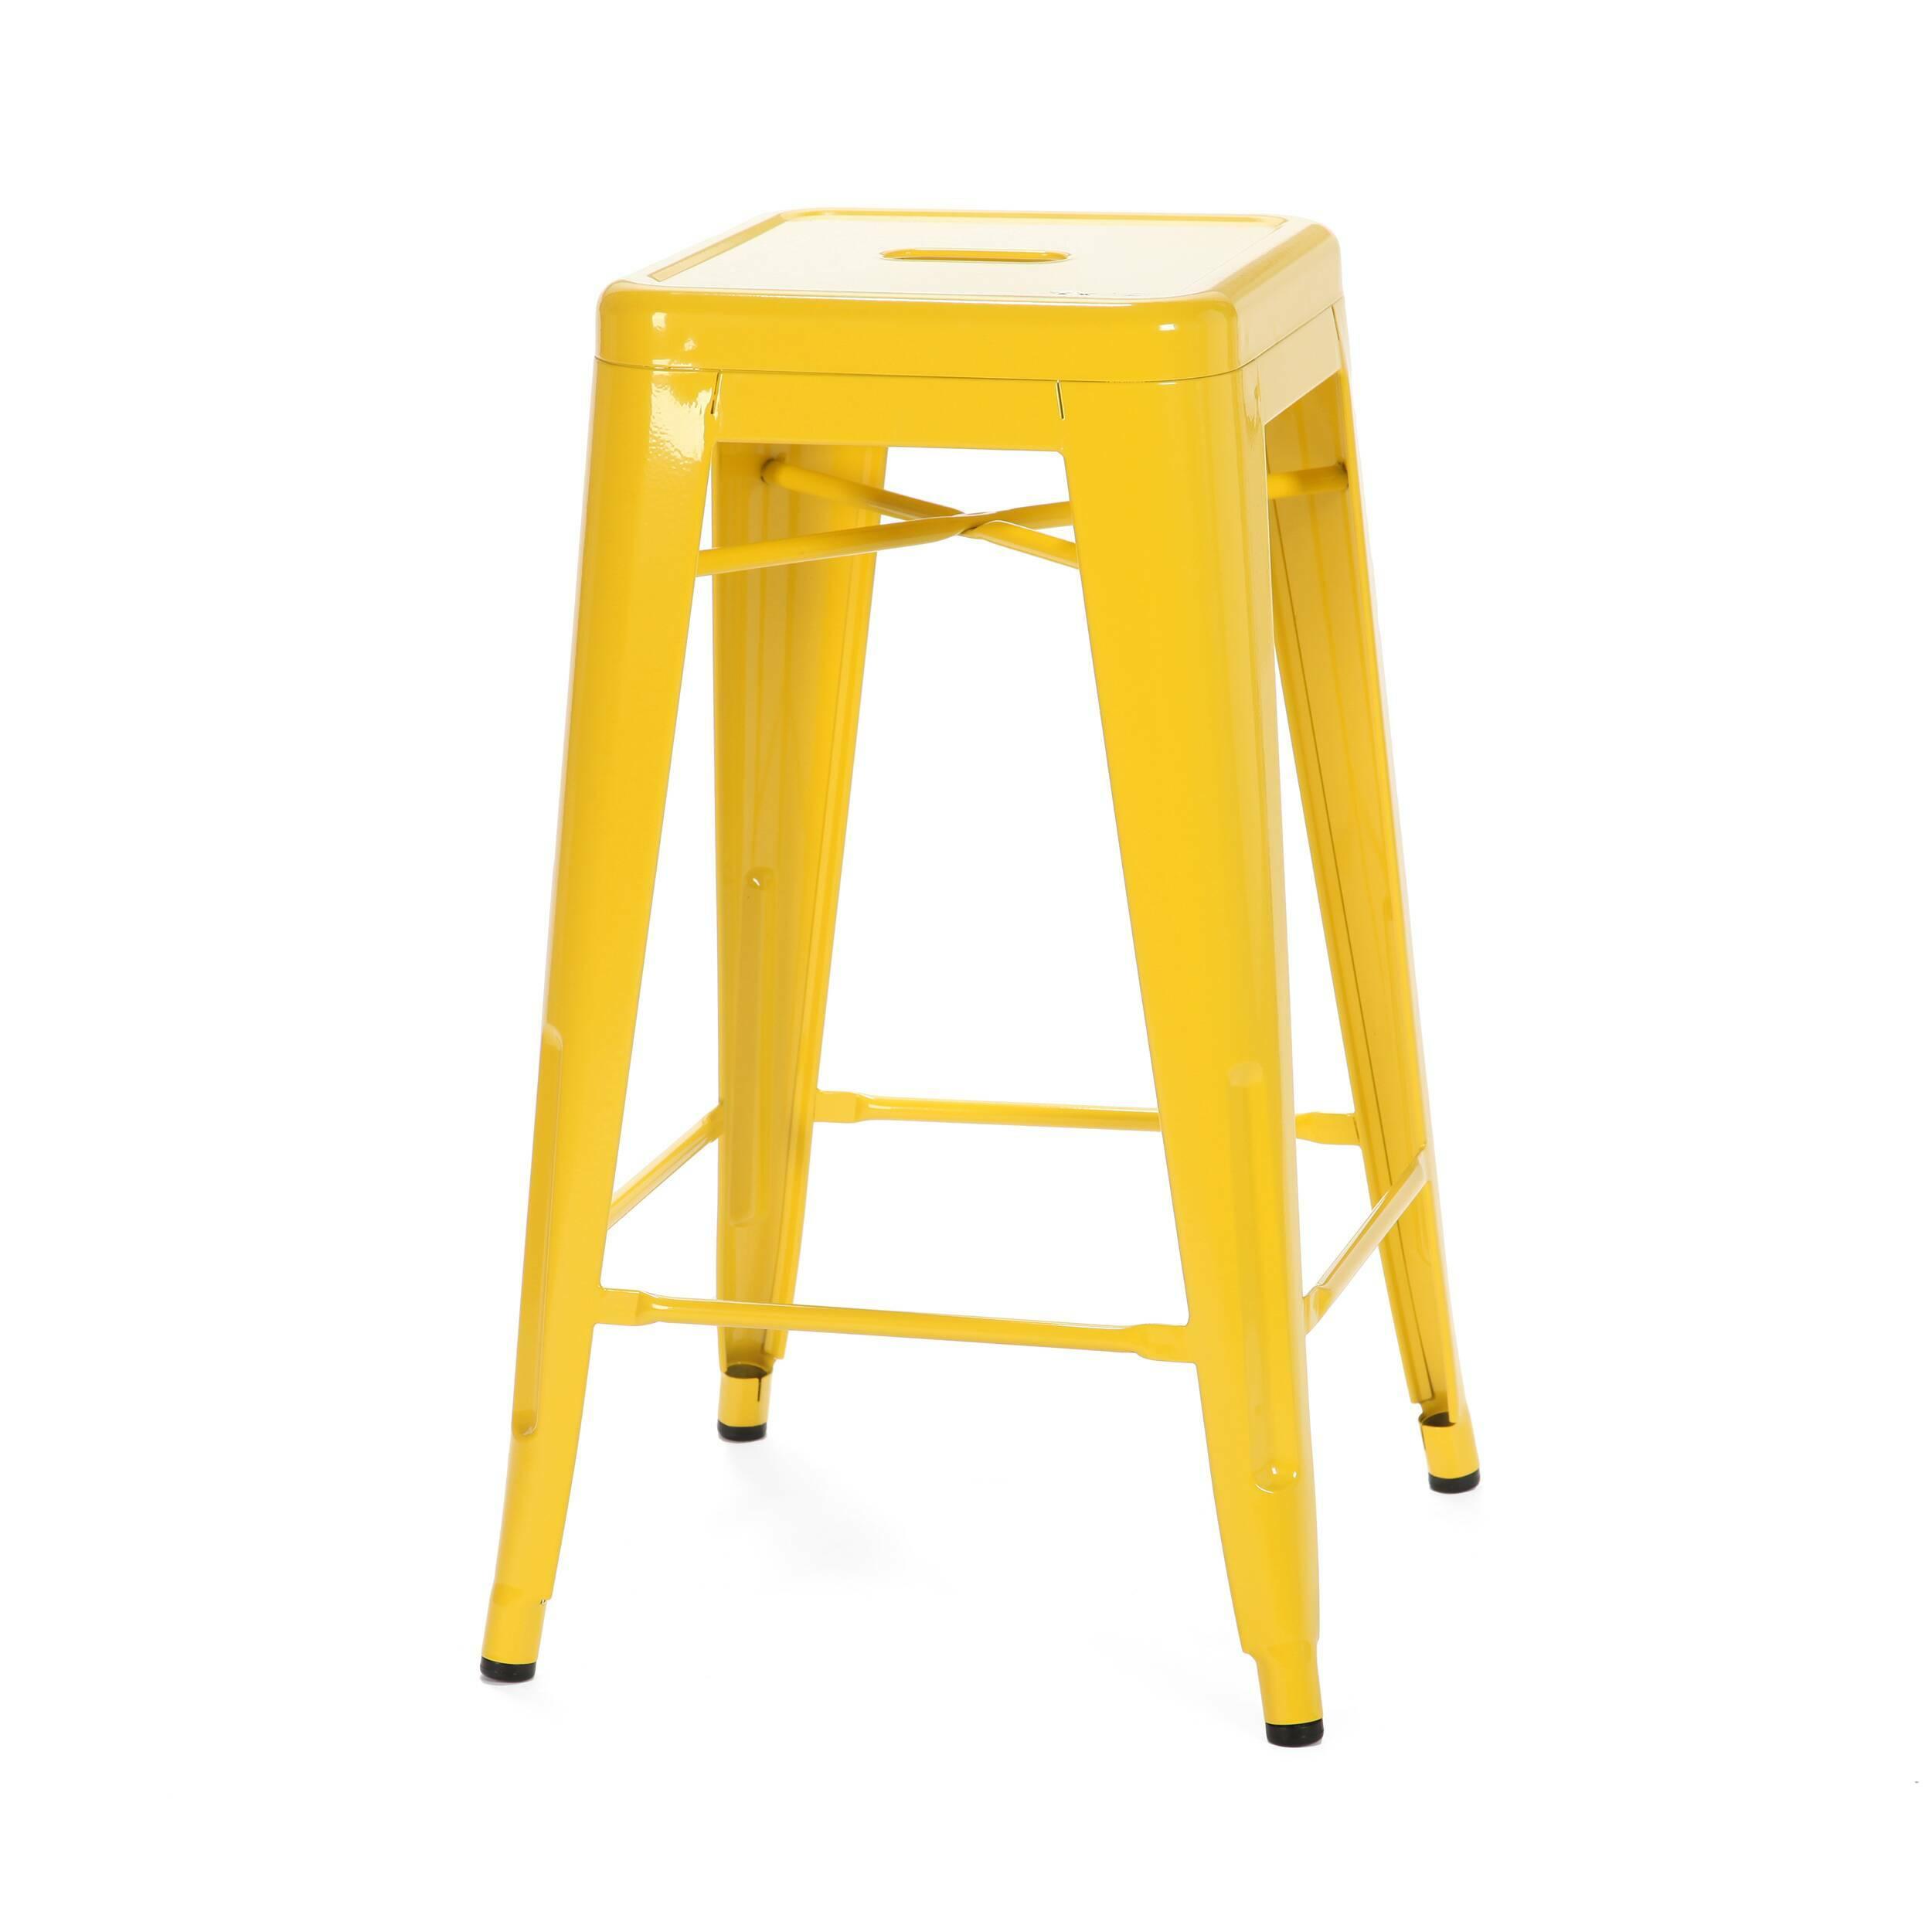 Барный стул Marais Color 2Барные<br>Дизайнерский цветной стальной барный стул Marais Color 2 (Мэрейс Калар) без спинки от Cosmo (Космо).<br> Барный стул Marais Color 2 — олицетворение винтажного стиля, его грациозные линии создают ощущение легкости и невесомости. Несмотря на хрупкий вид, этот предмет мебели невероятно прочен и долговечен. Высококачественный металл, обработанный методом гальванизации, выдерживает самые агрессивные условия окружающей среды. Не случайно модель не утратила актуальности с начала ХХ века — именно тогда...<br><br>stock: 20<br>Высота: 66<br>Ширина: 41<br>Глубина: 41<br>Тип материала каркаса: Сталь<br>Цвет каркаса: Желтый